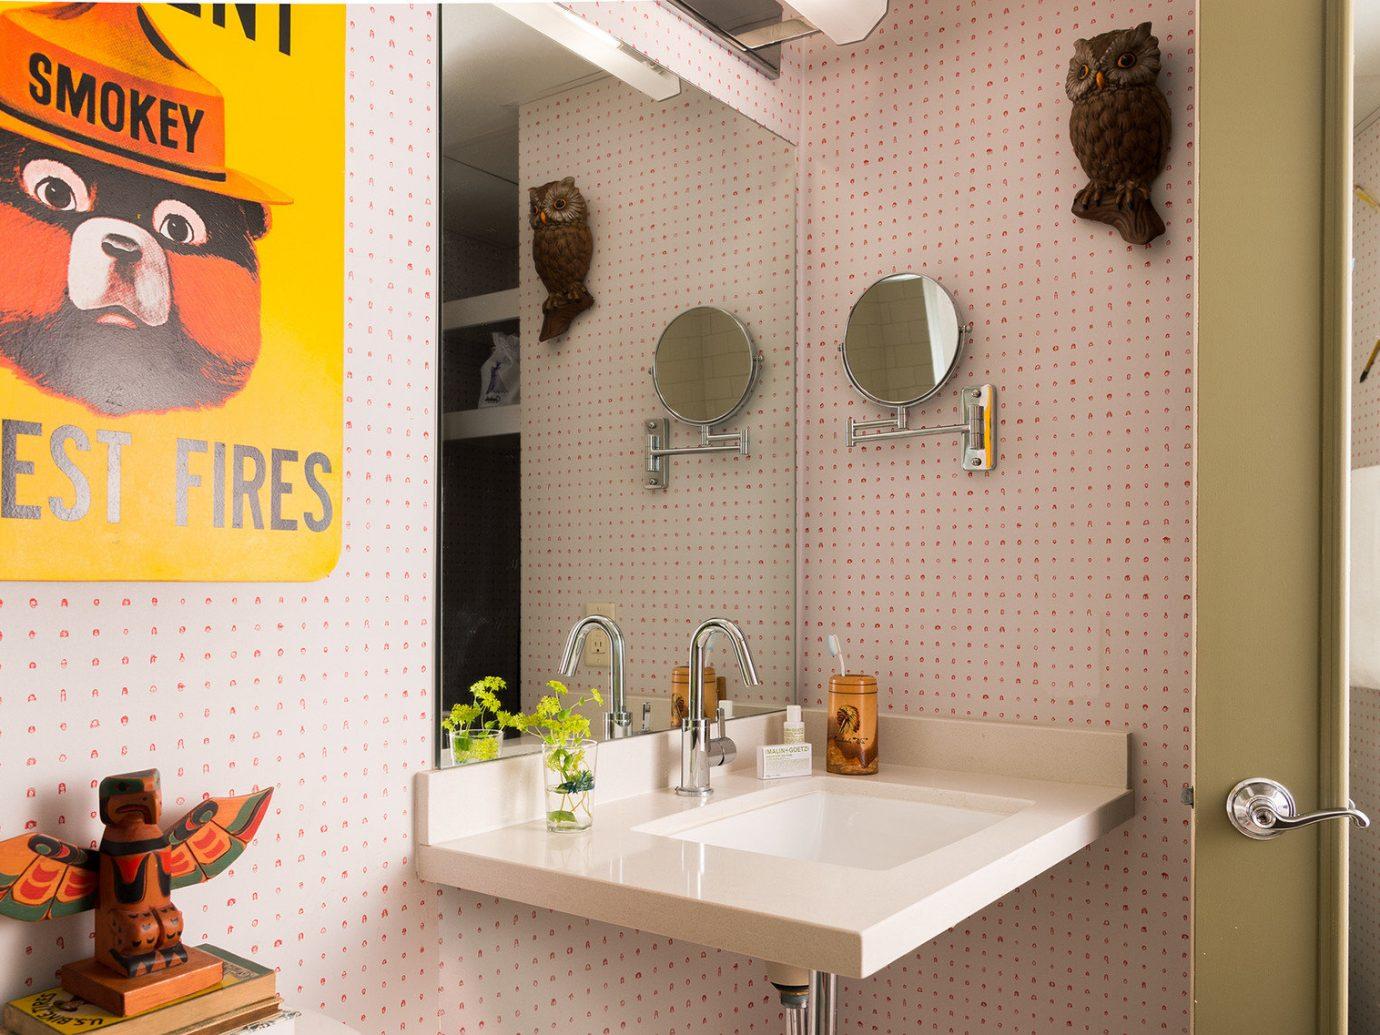 artistic artsy bathroom Boutique charming cozy Hip homey interior sink trendy Trip Ideas wall indoor room property home interior design Design